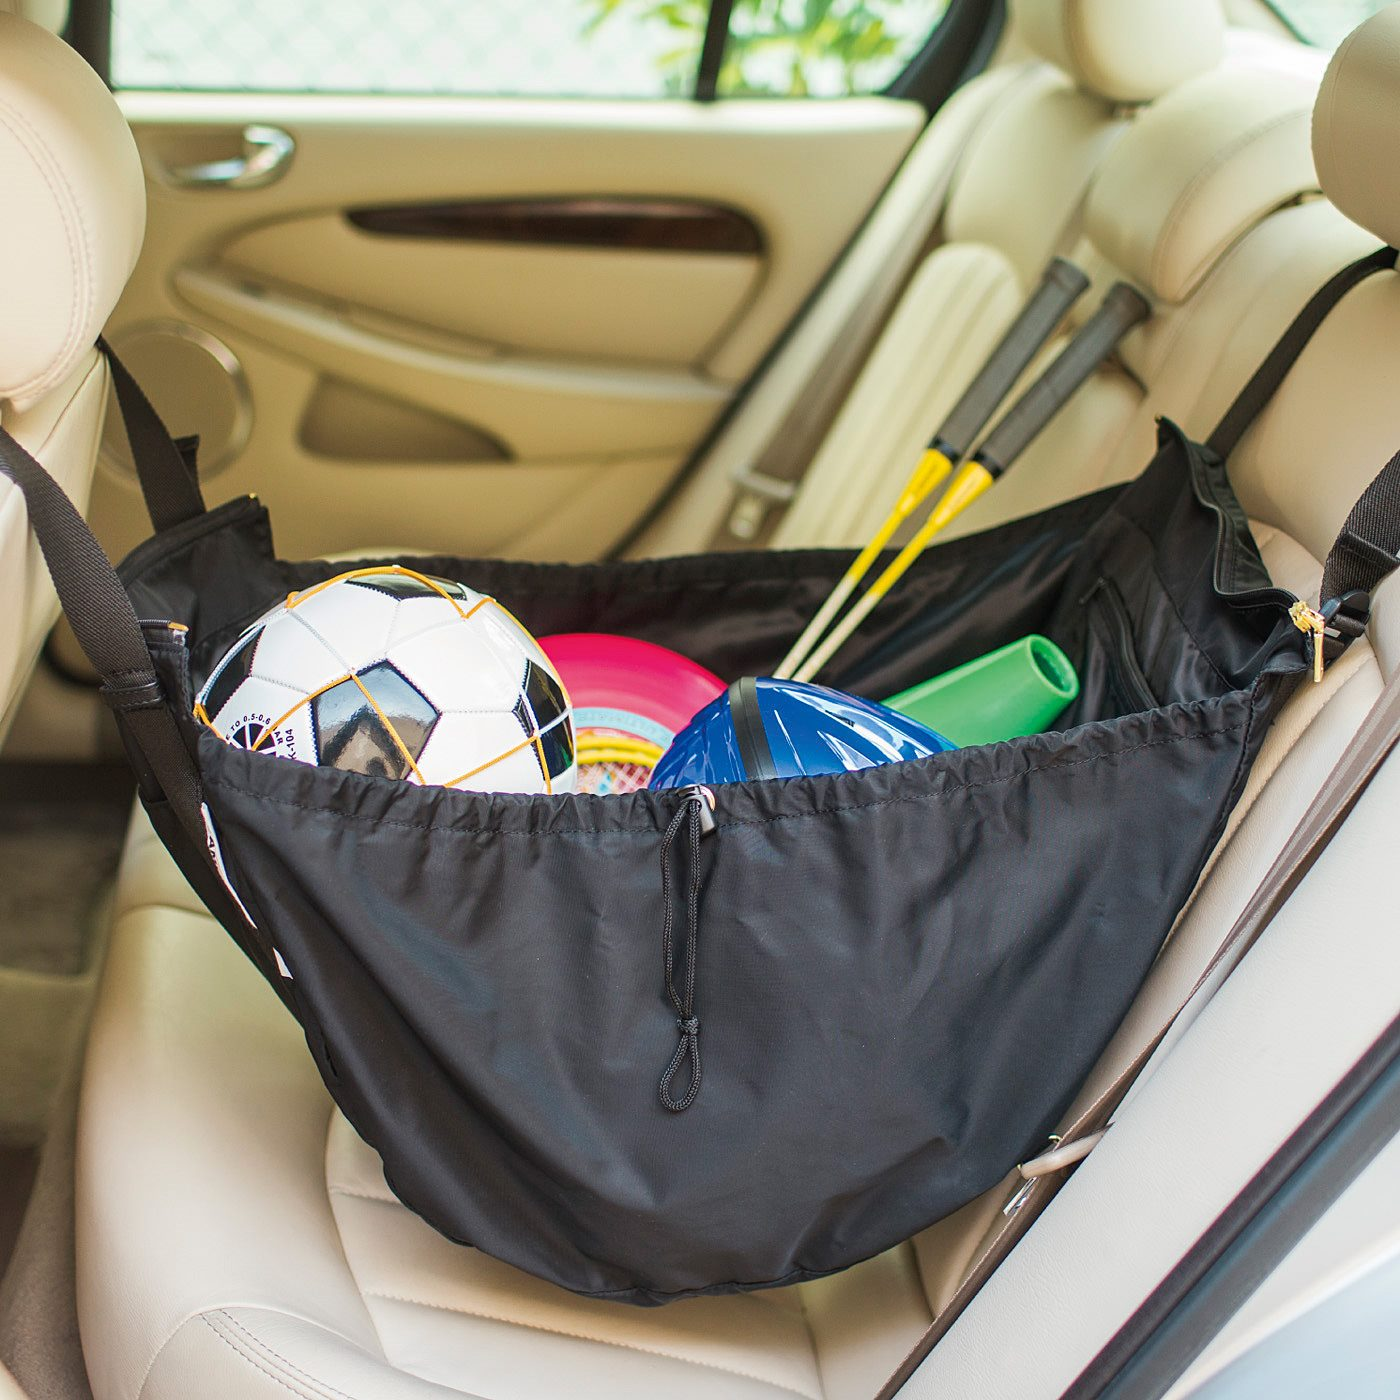 ハンモック掛けでたっぷりの荷物もおまかせ 車の中のレジャー道具などをガサッとひとまとめに。